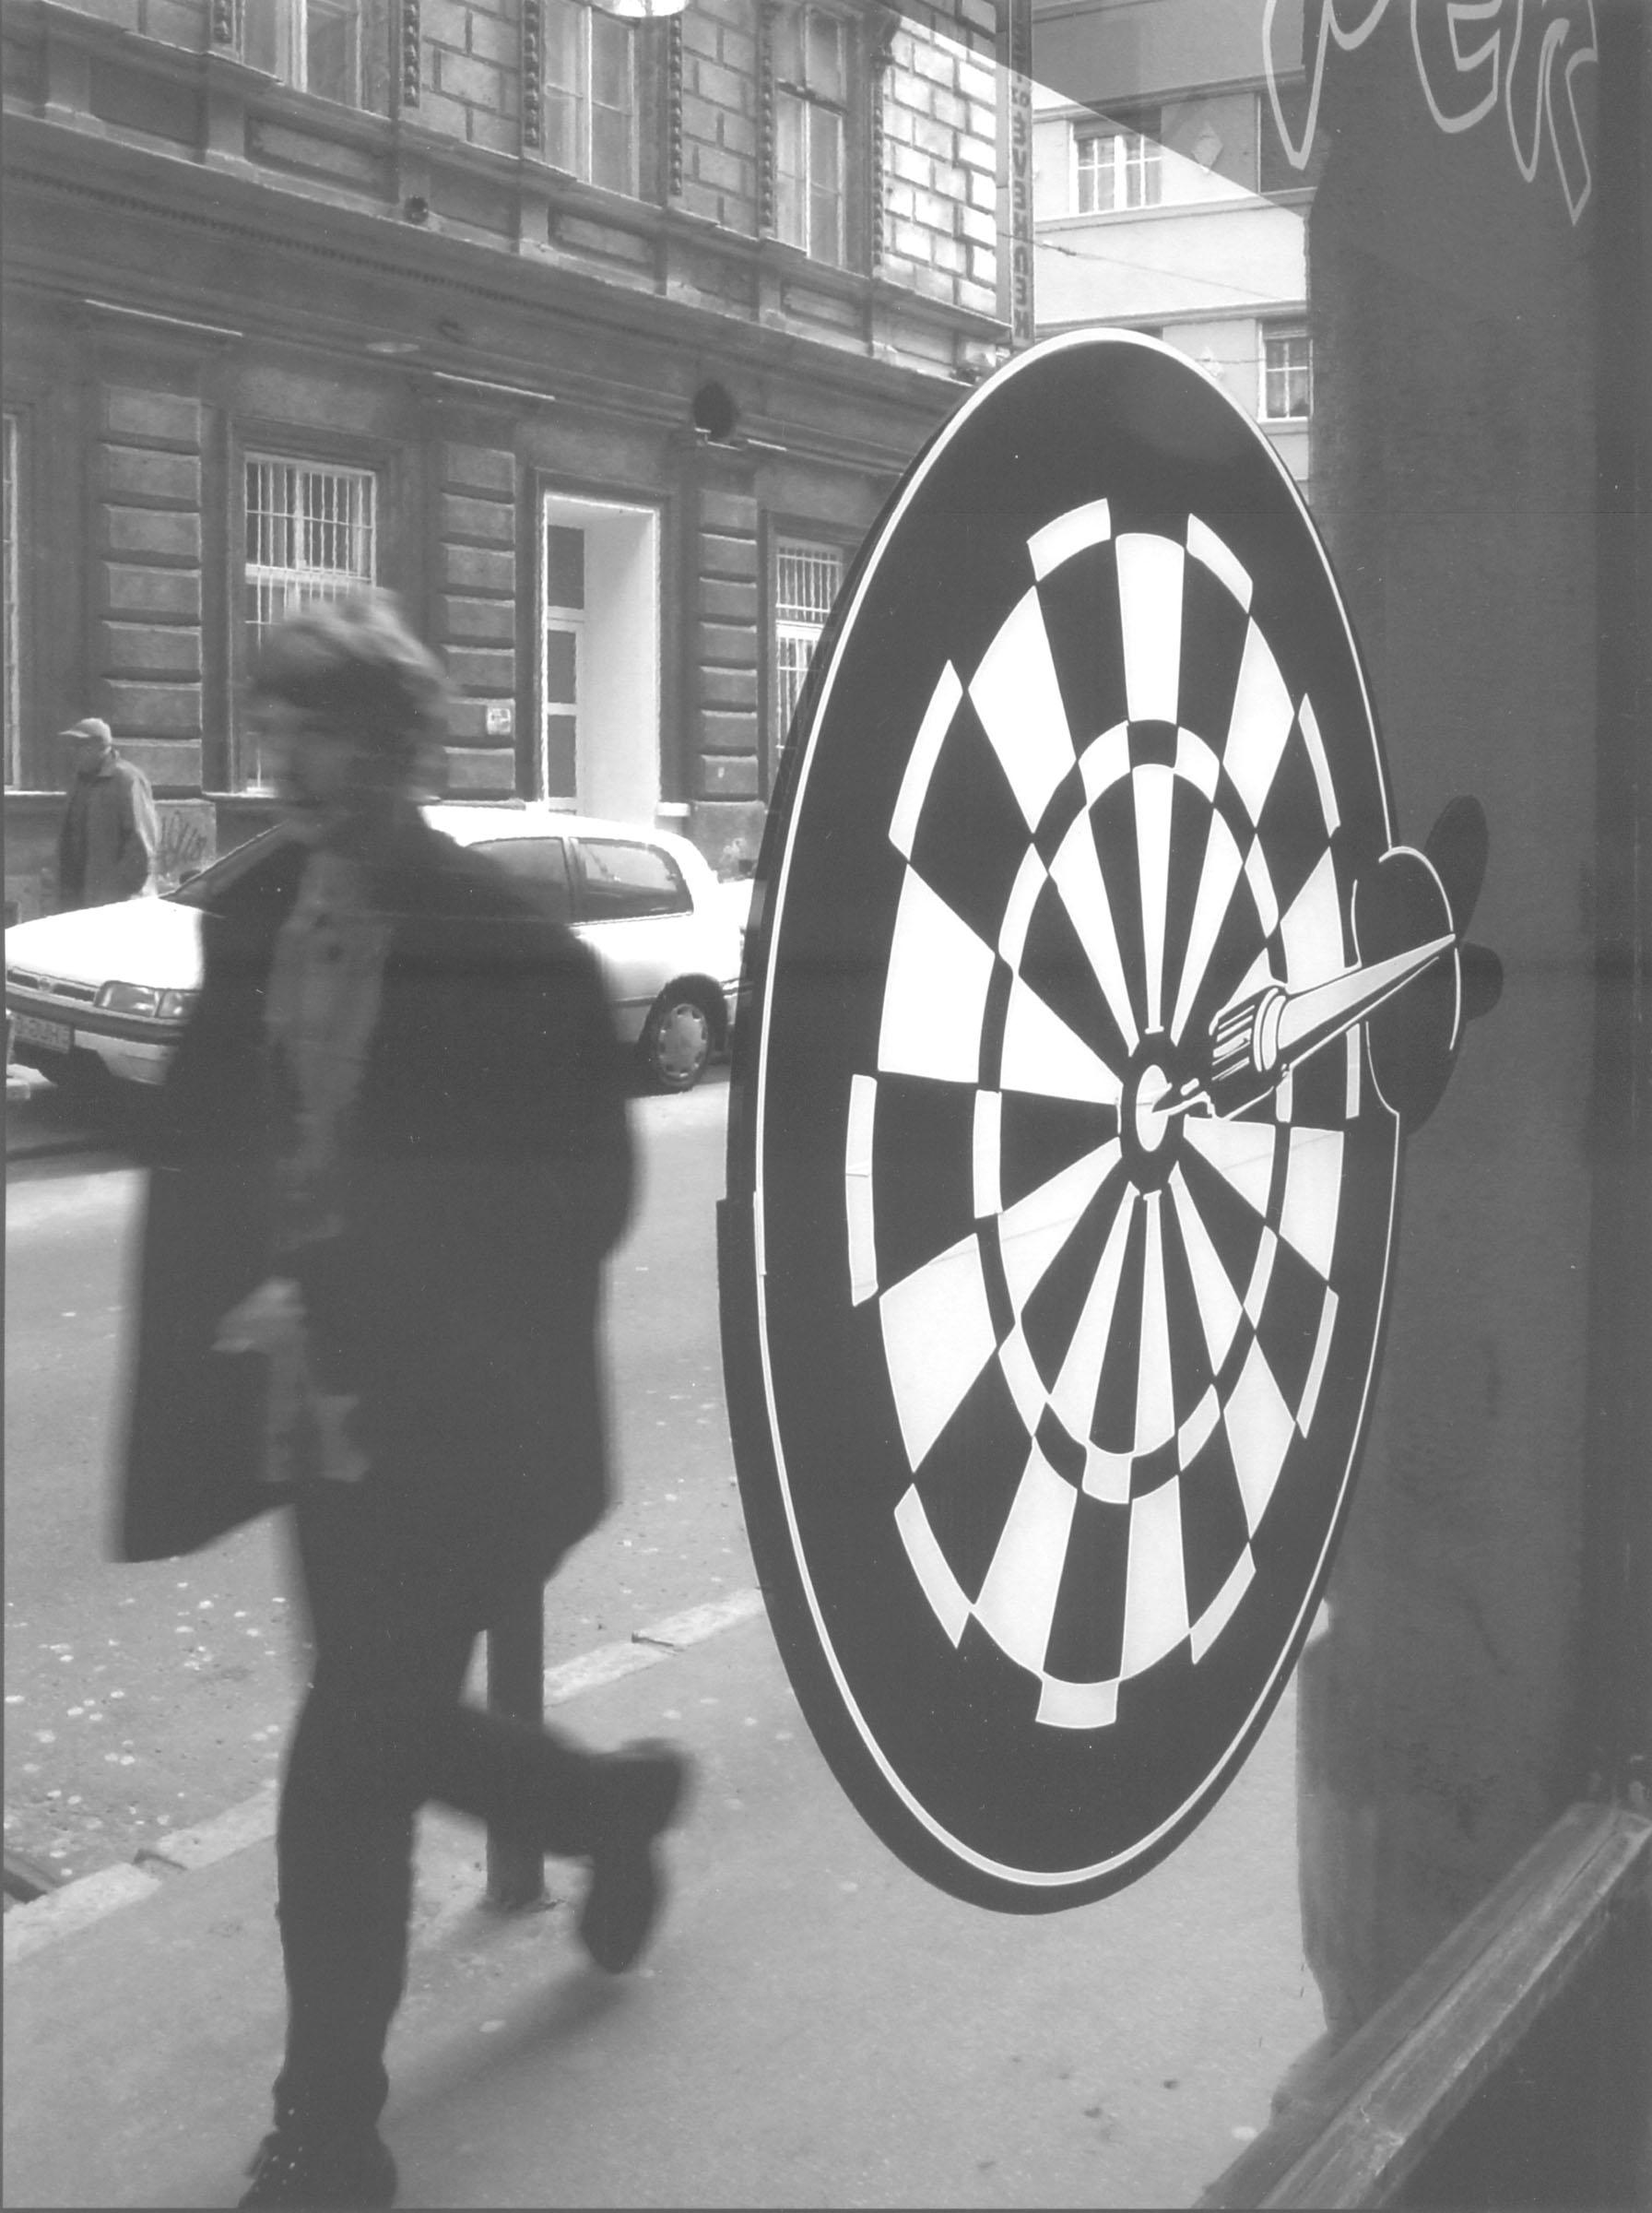 2004.09.18. Hétköznapok fotópályázat - Bojtár Tamás - Telitalálat.jpg